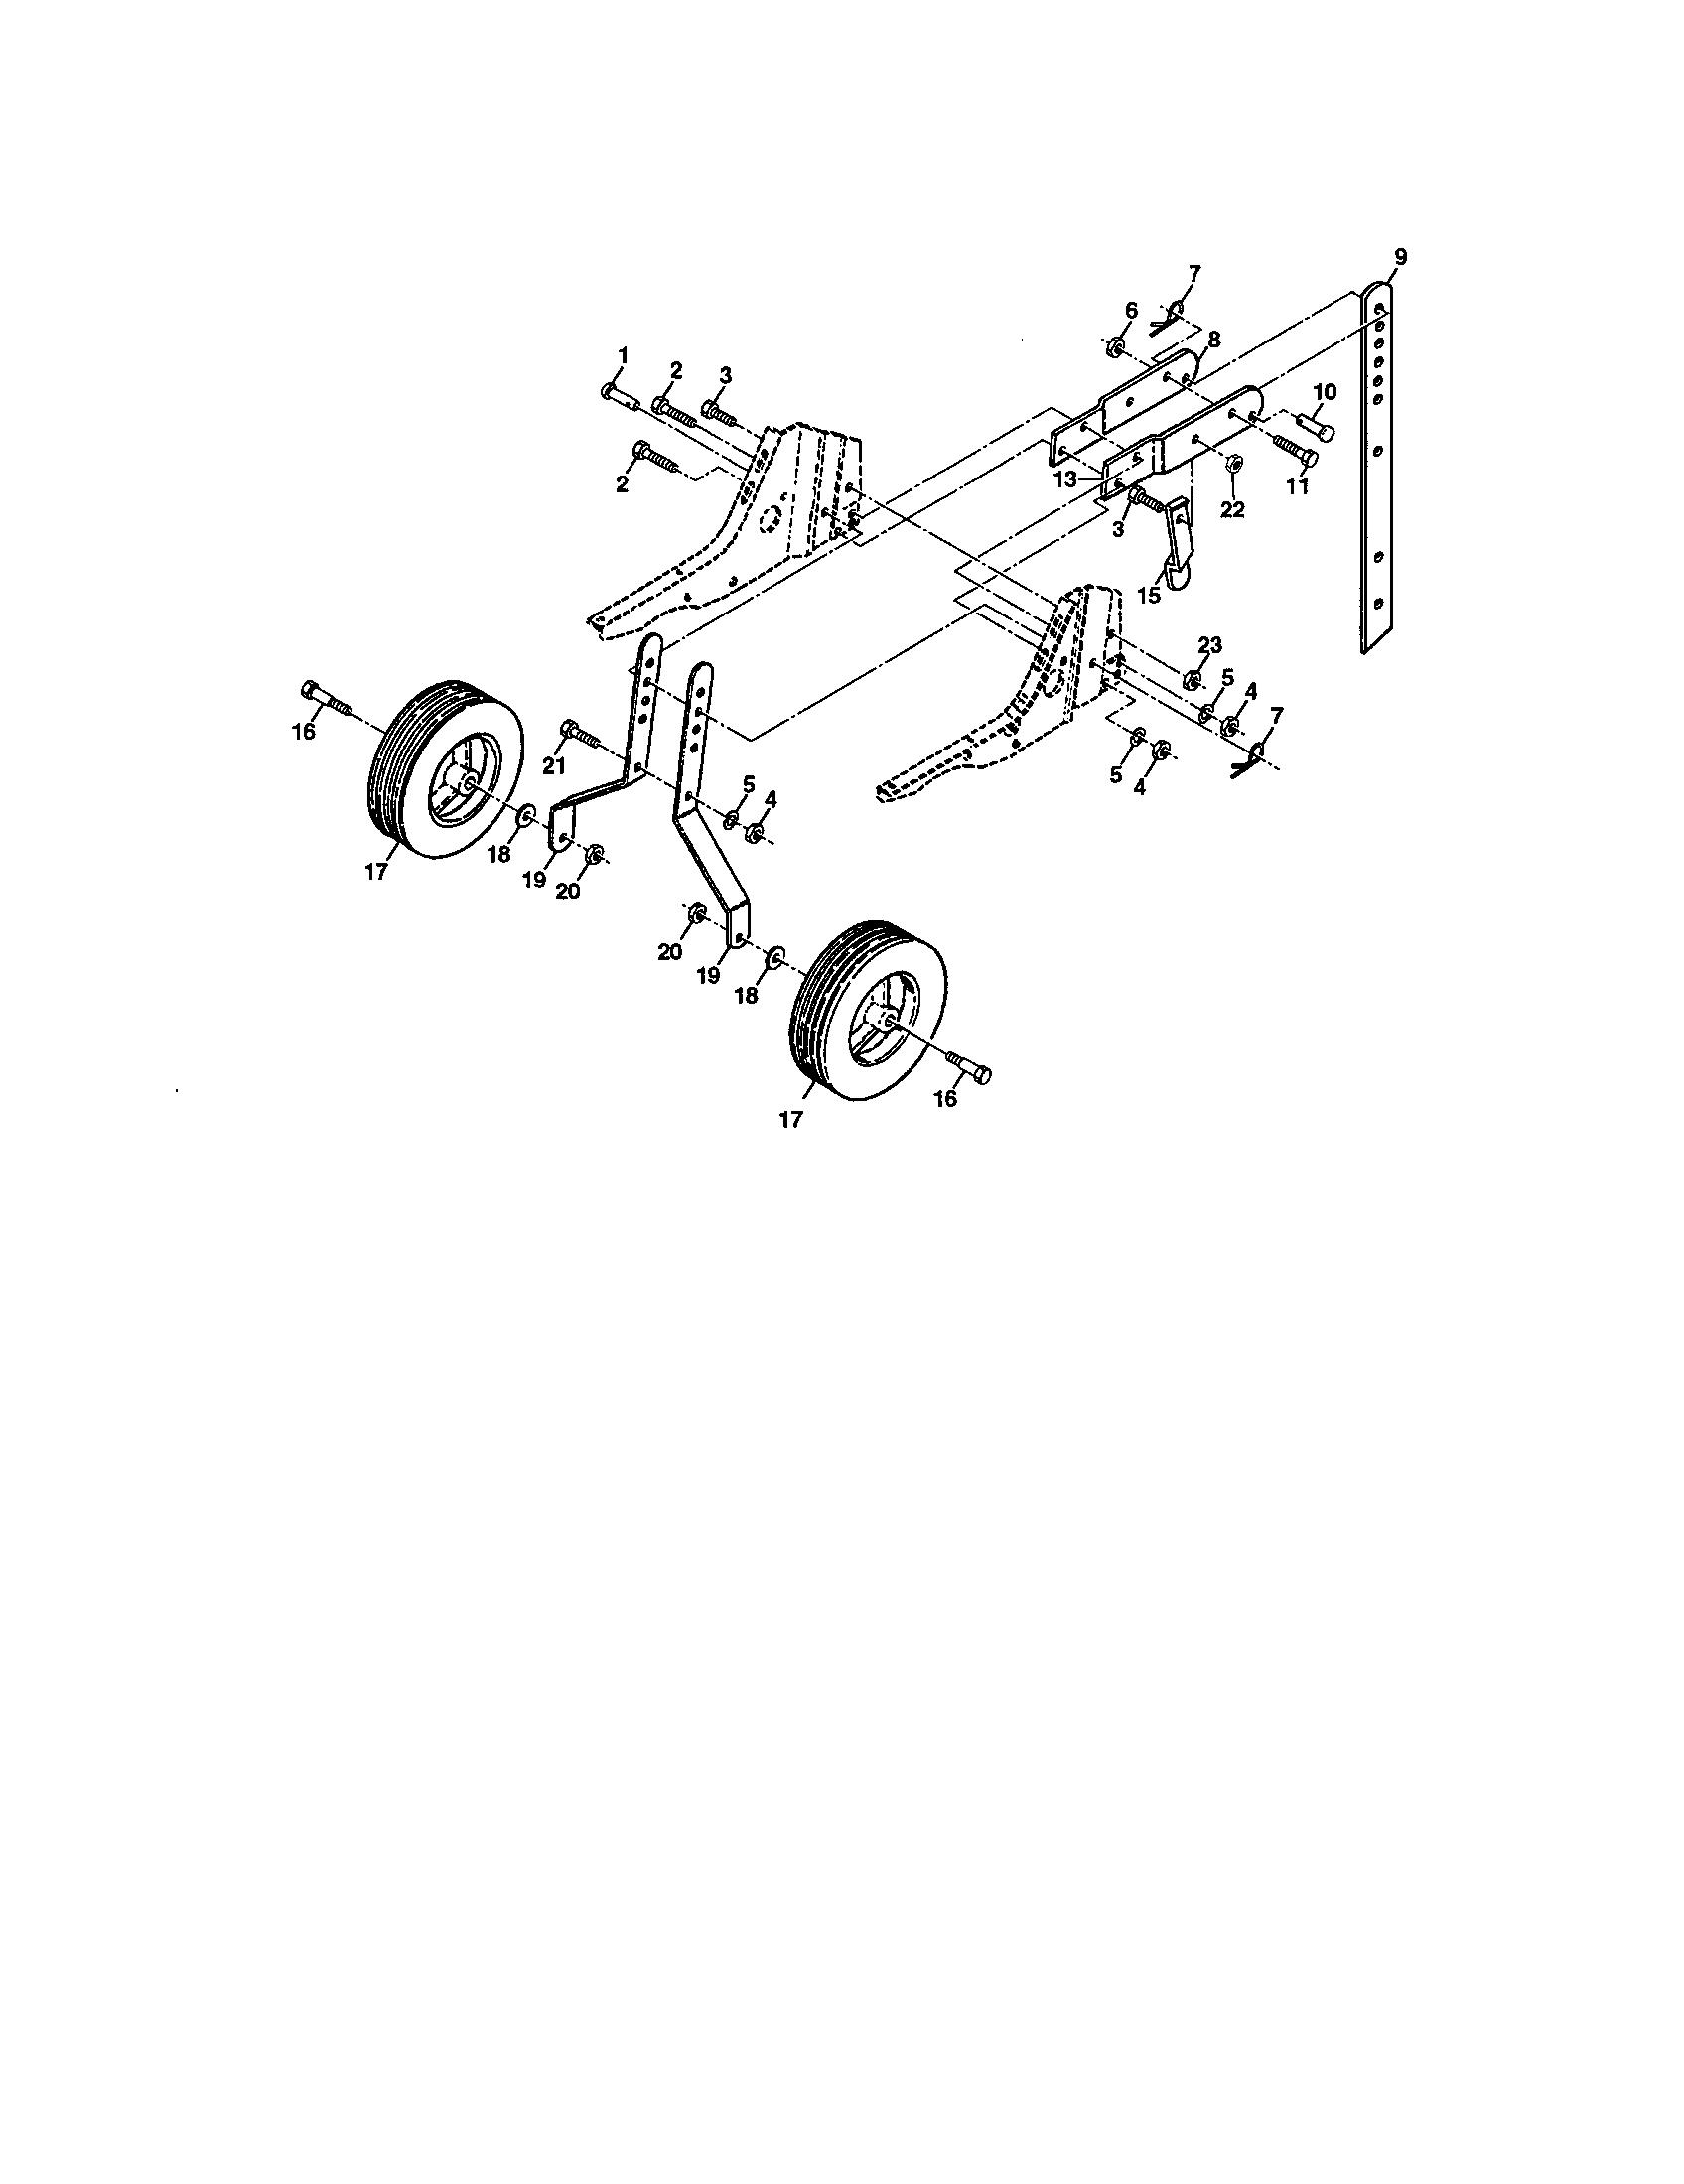 Craftsman model 917292481 front tine, gas tiller genuine parts